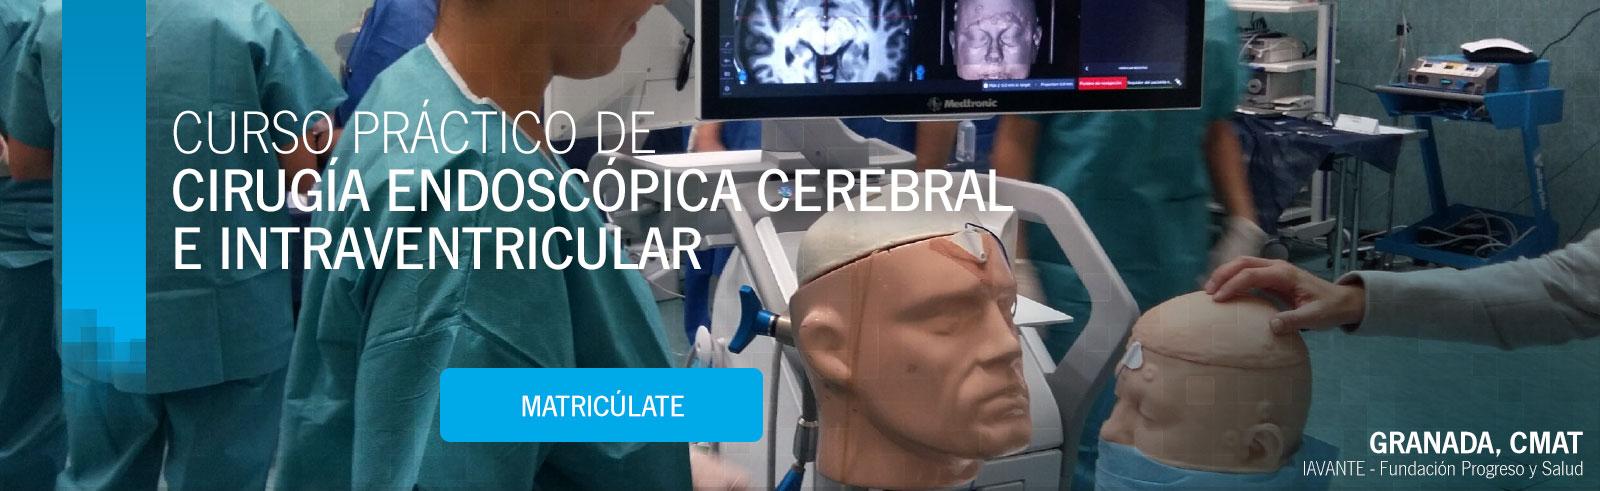 Curso Práctico de Cirugía Endoscópica Cerebral e Intraventricular